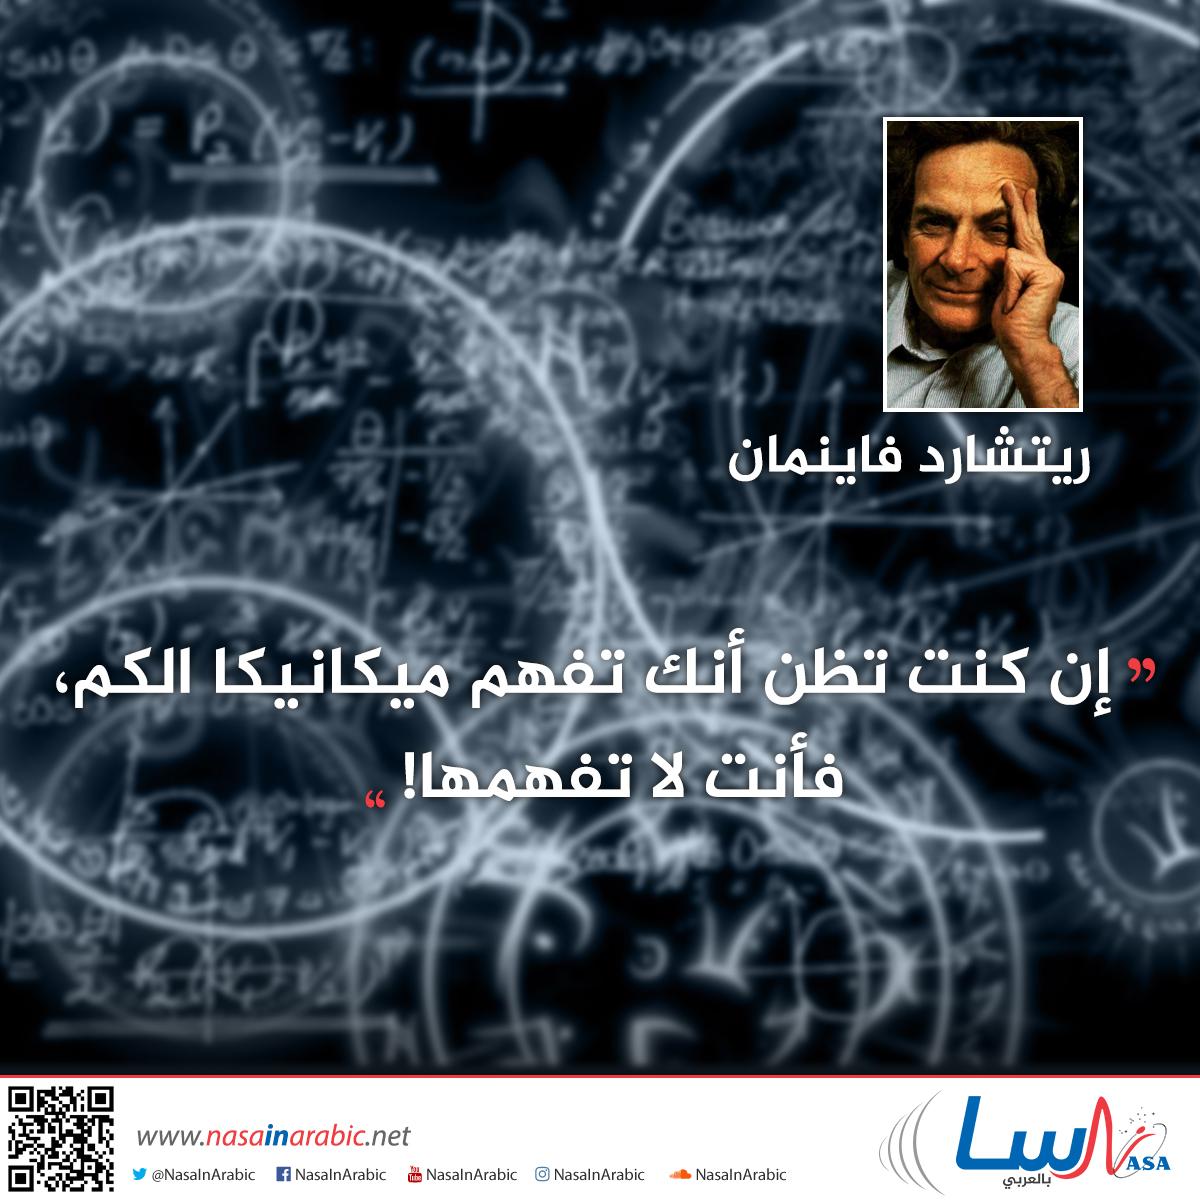 هل تفهم ميكانيكا الكم